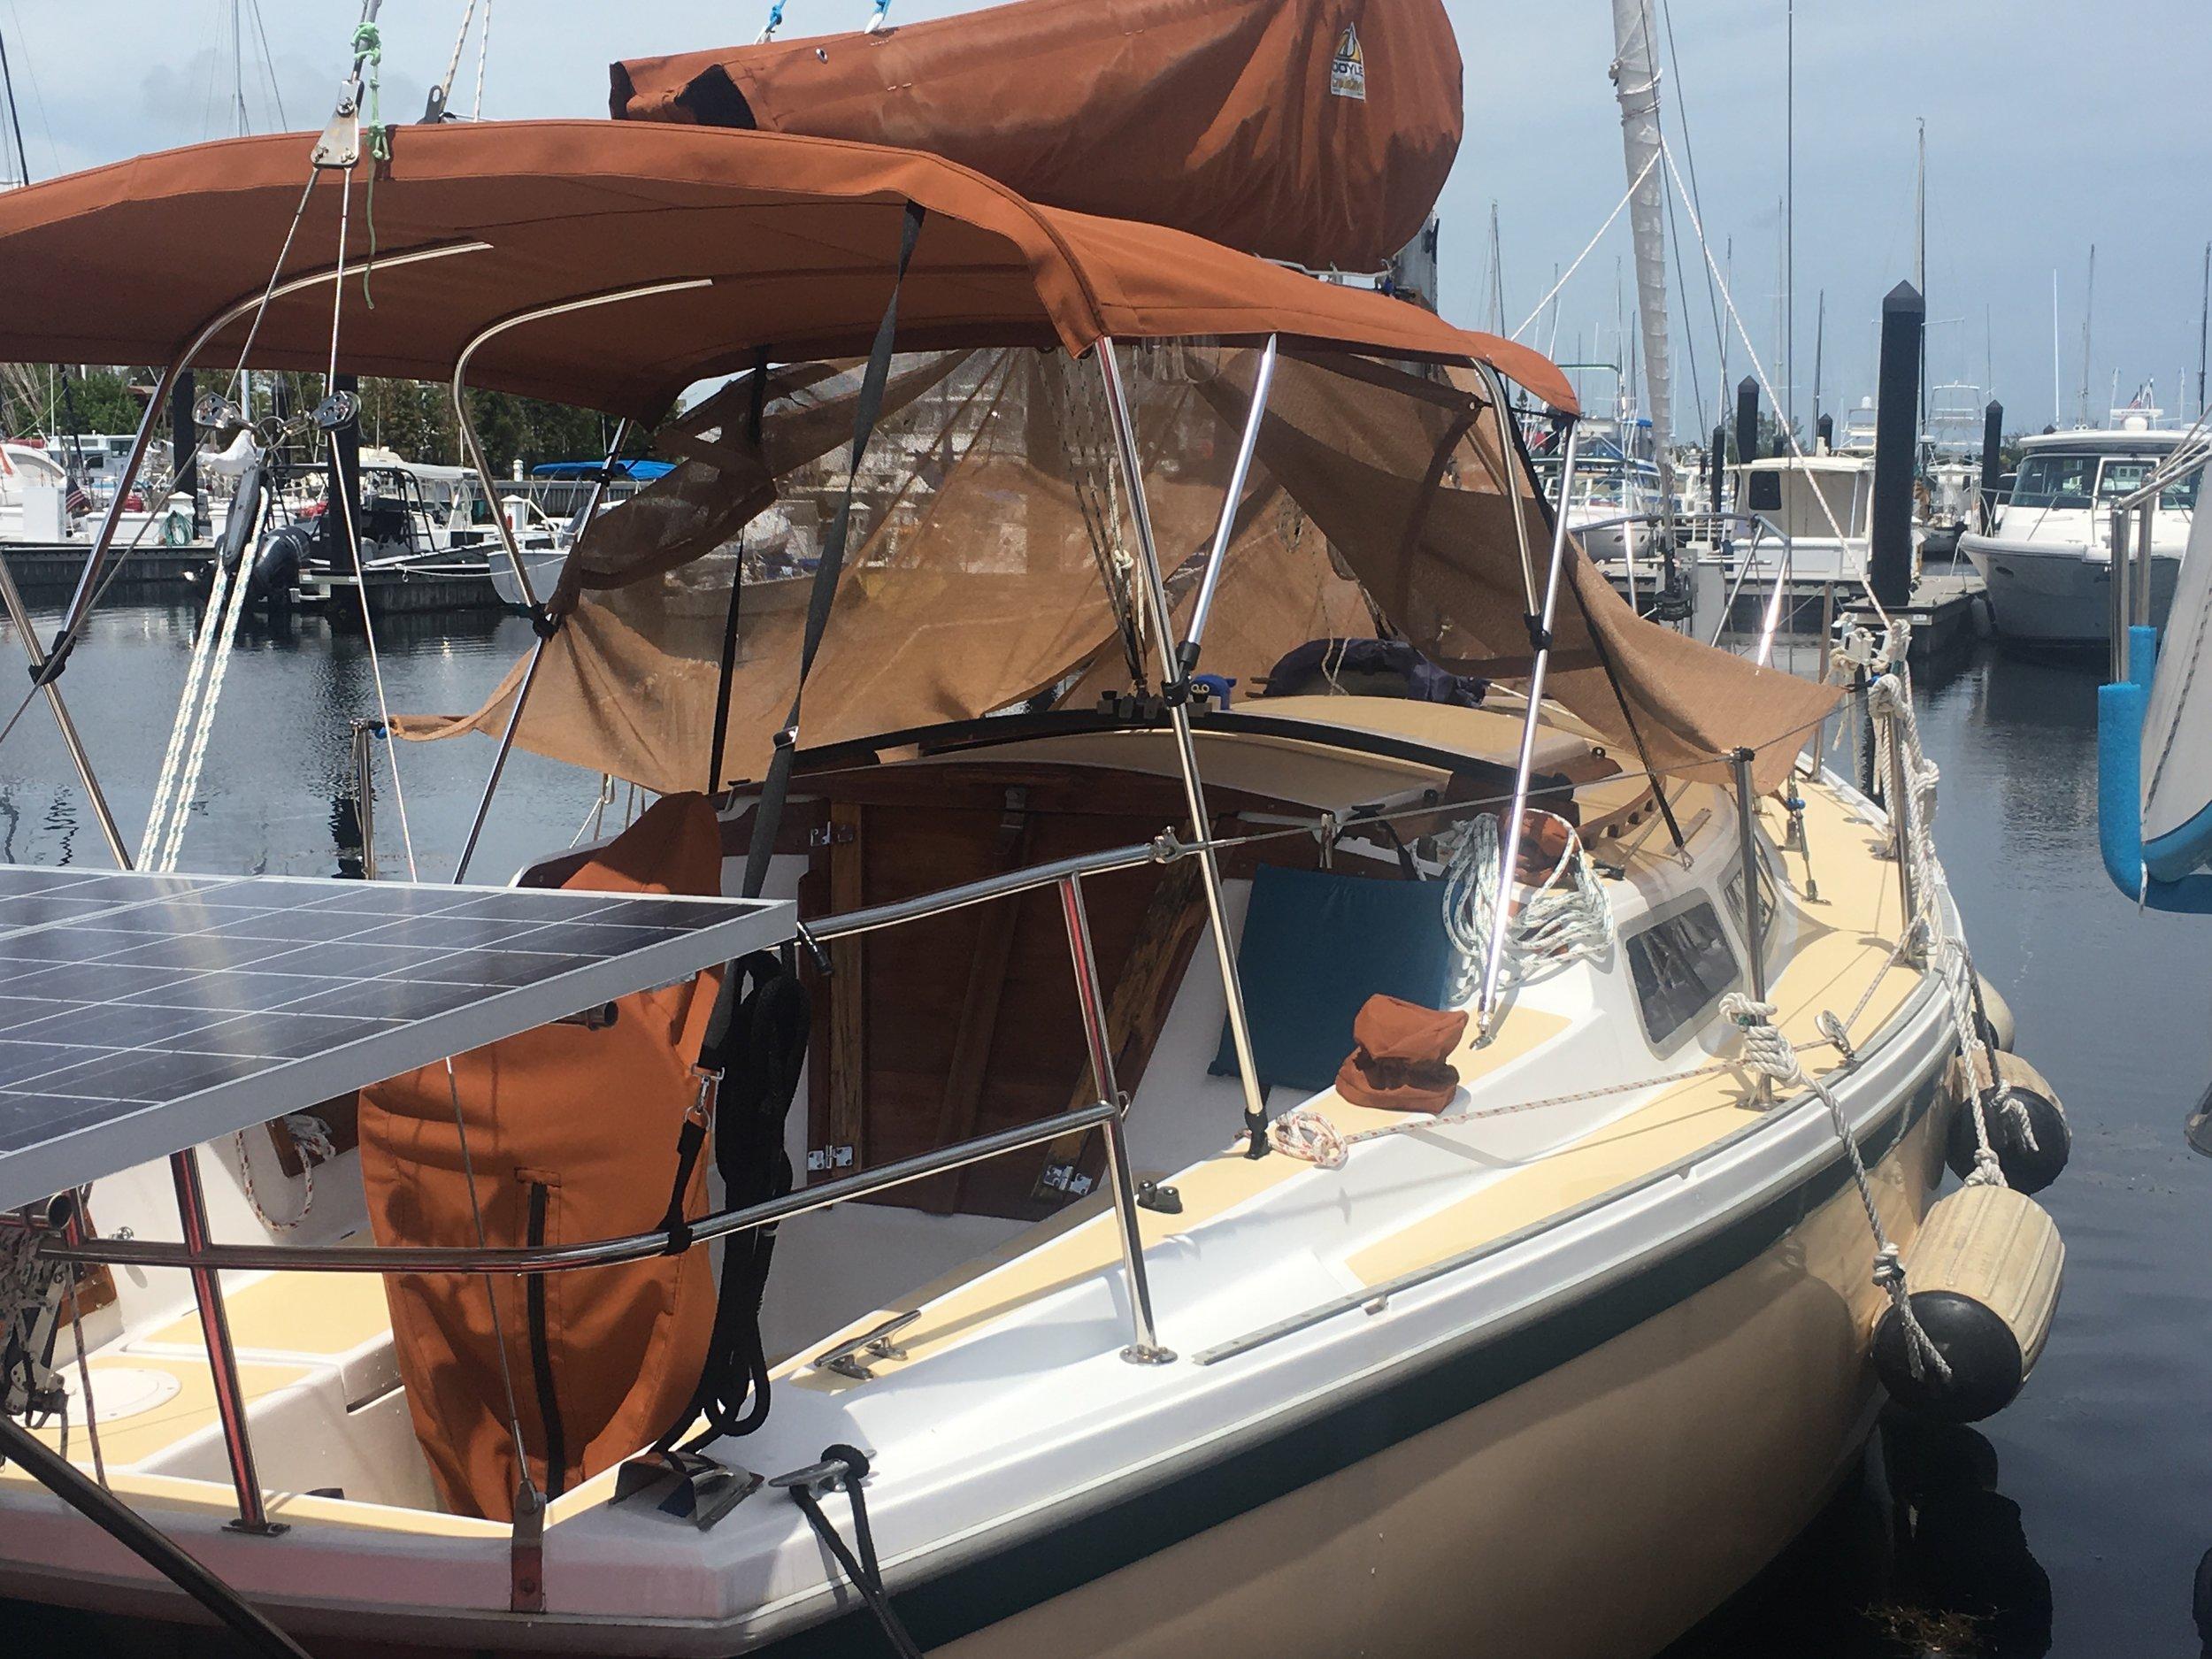 Dockside Boatel - 30' Vintage catalina, pool, restaurant and transportion